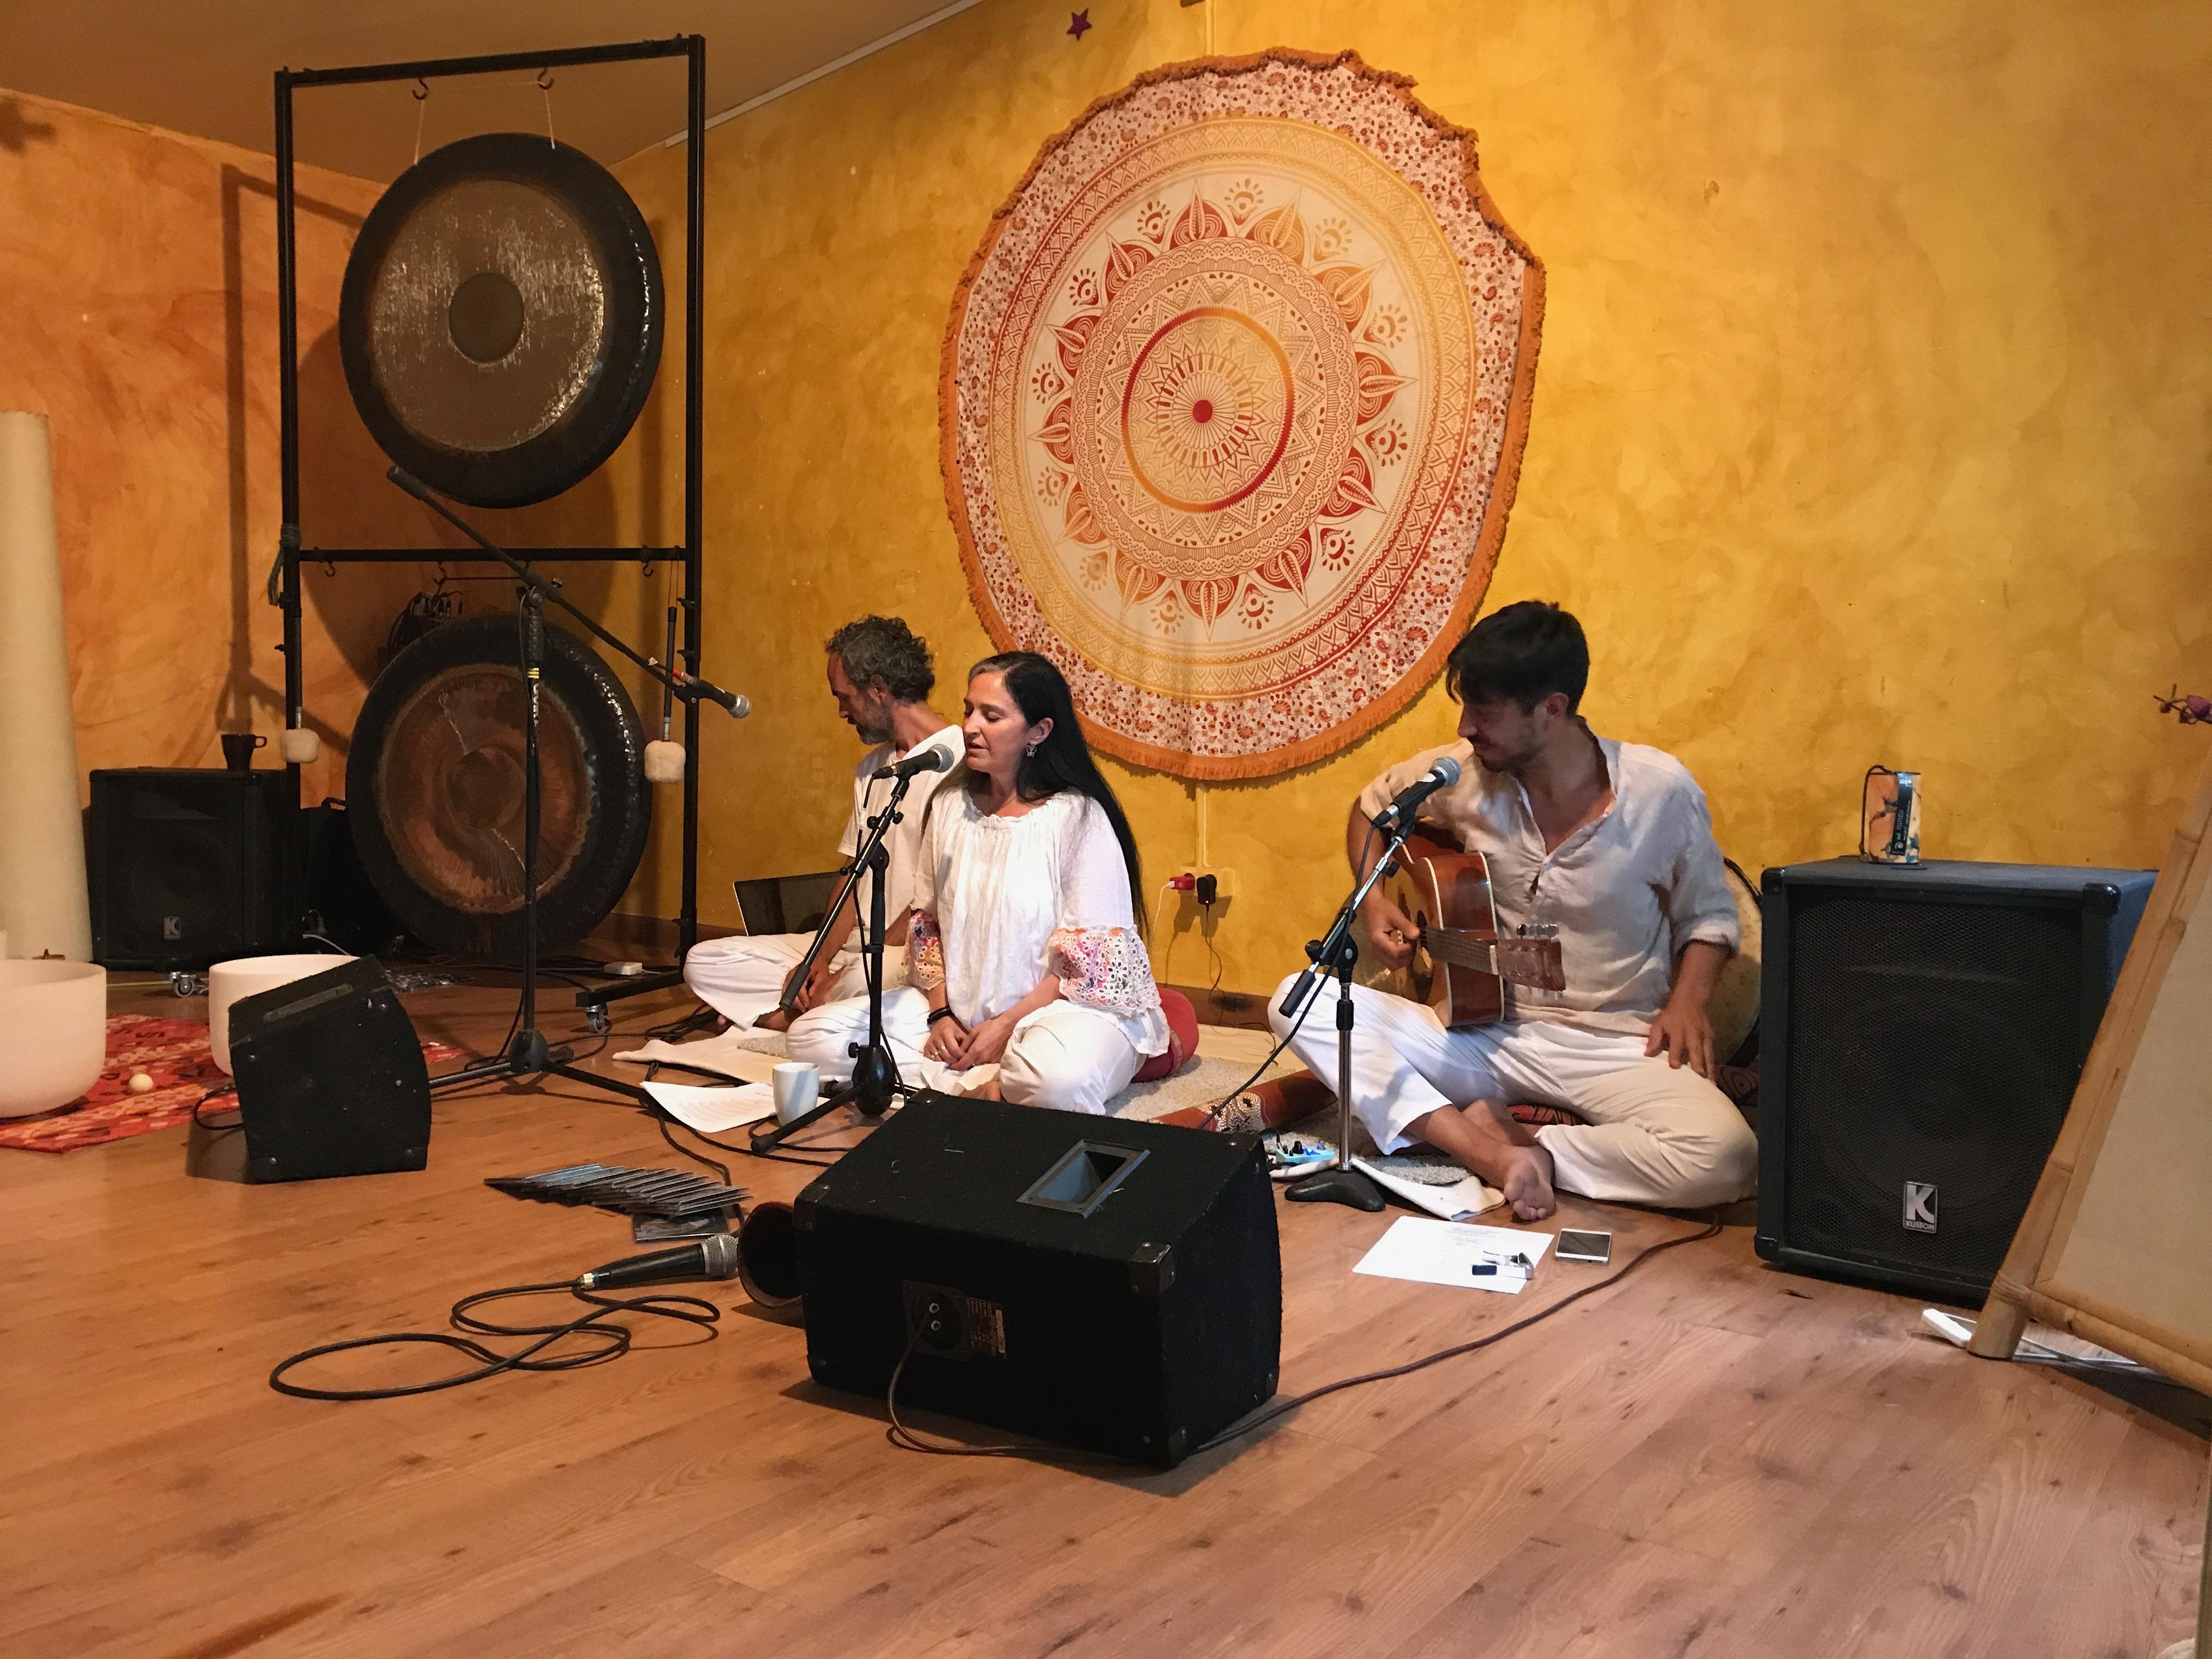 concierto de canto vedico en barcelona